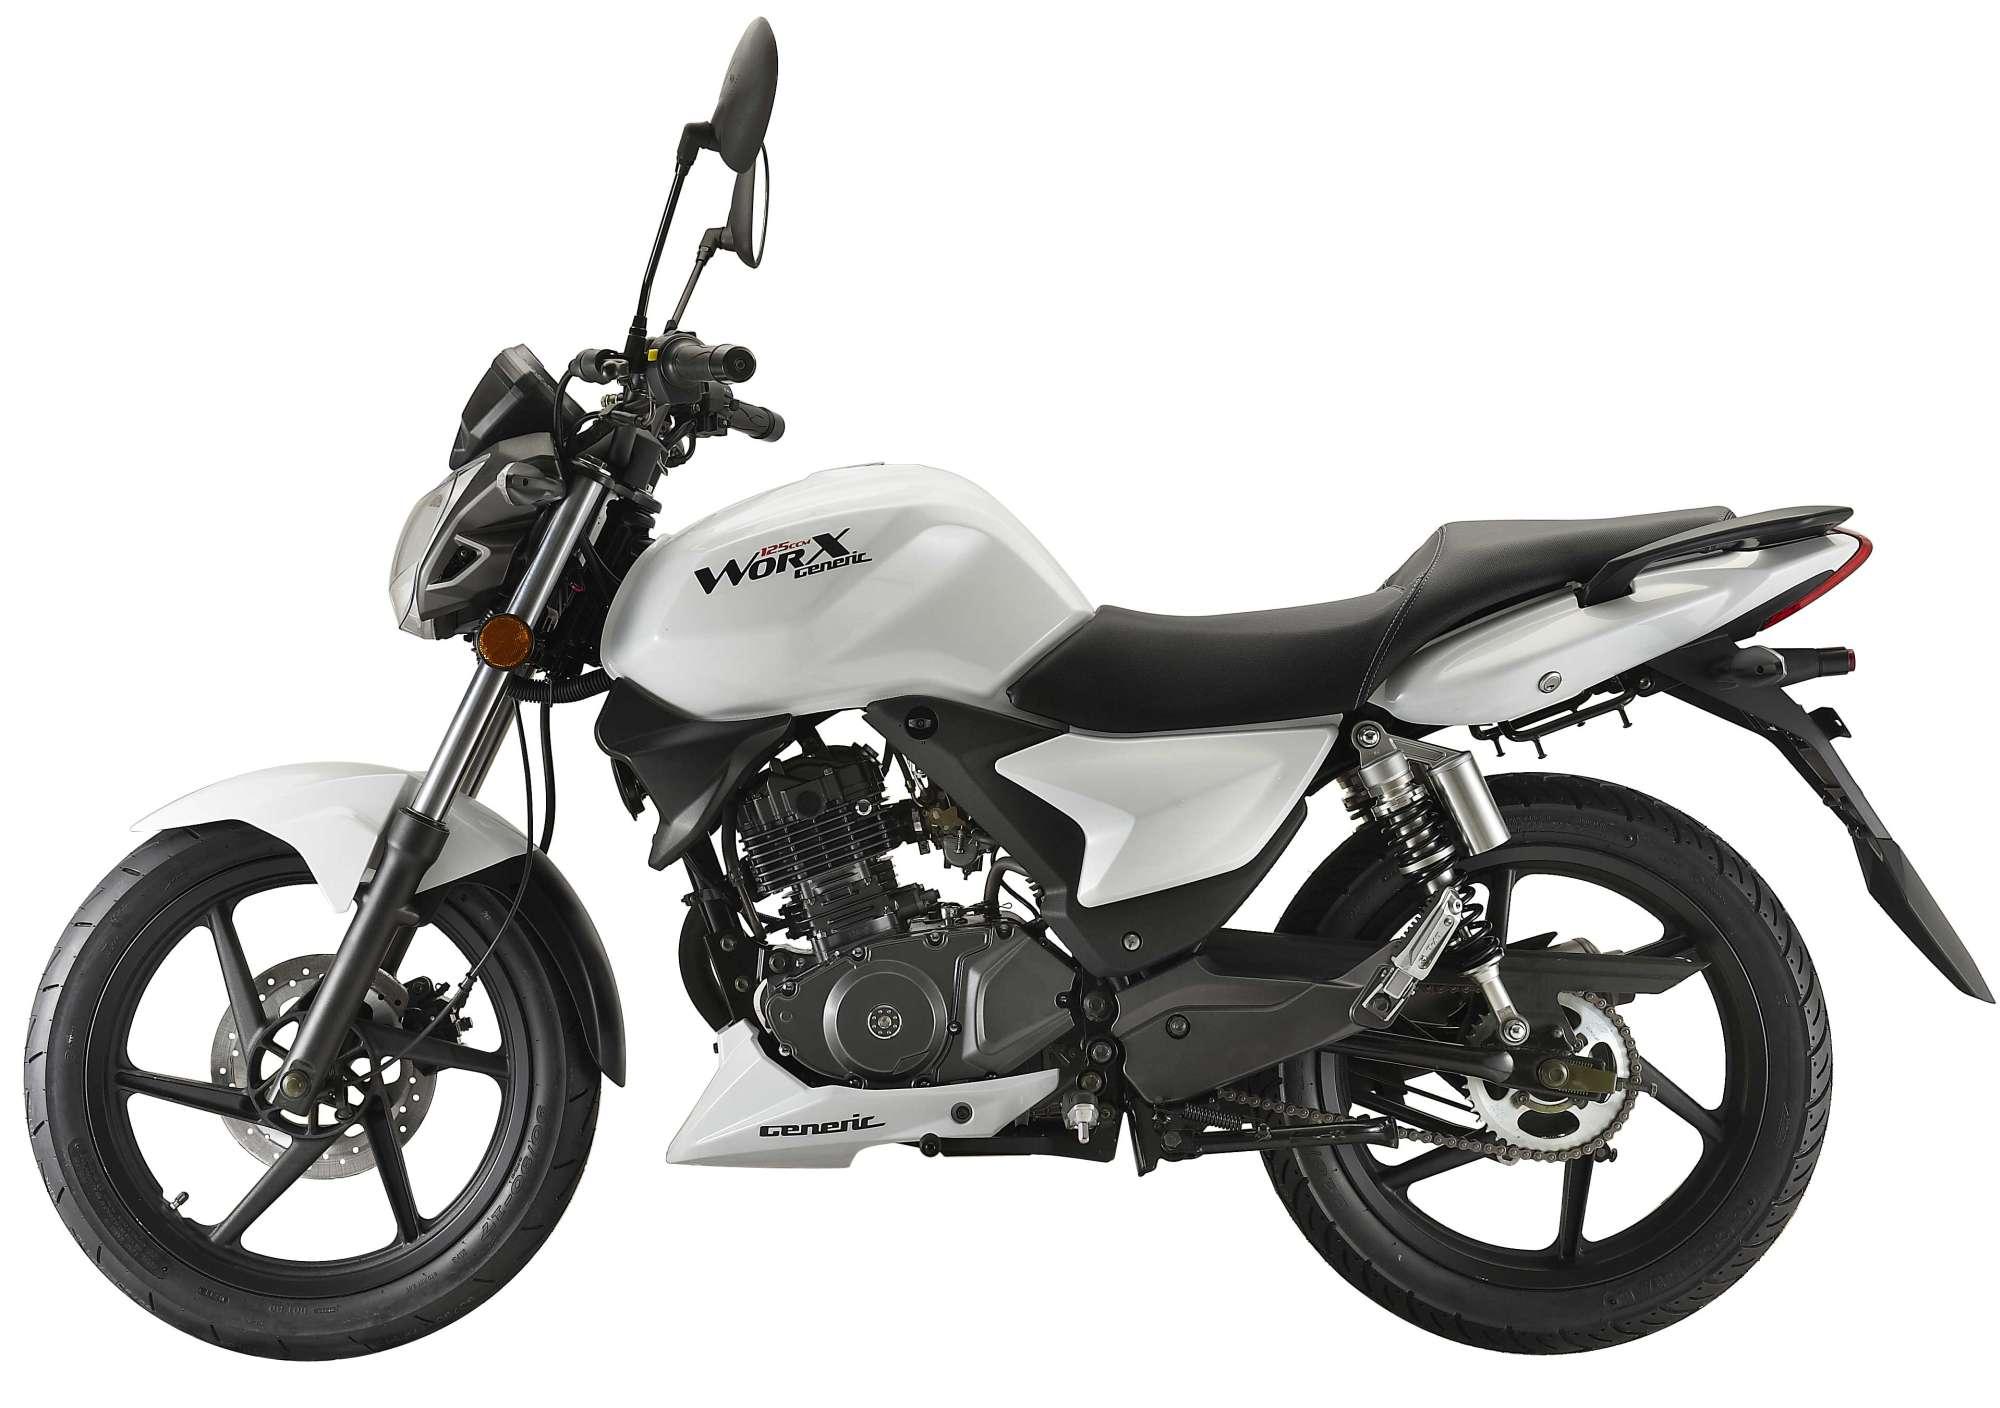 gebrauchte und neue ksr moto worx 125 motorr der kaufen. Black Bedroom Furniture Sets. Home Design Ideas